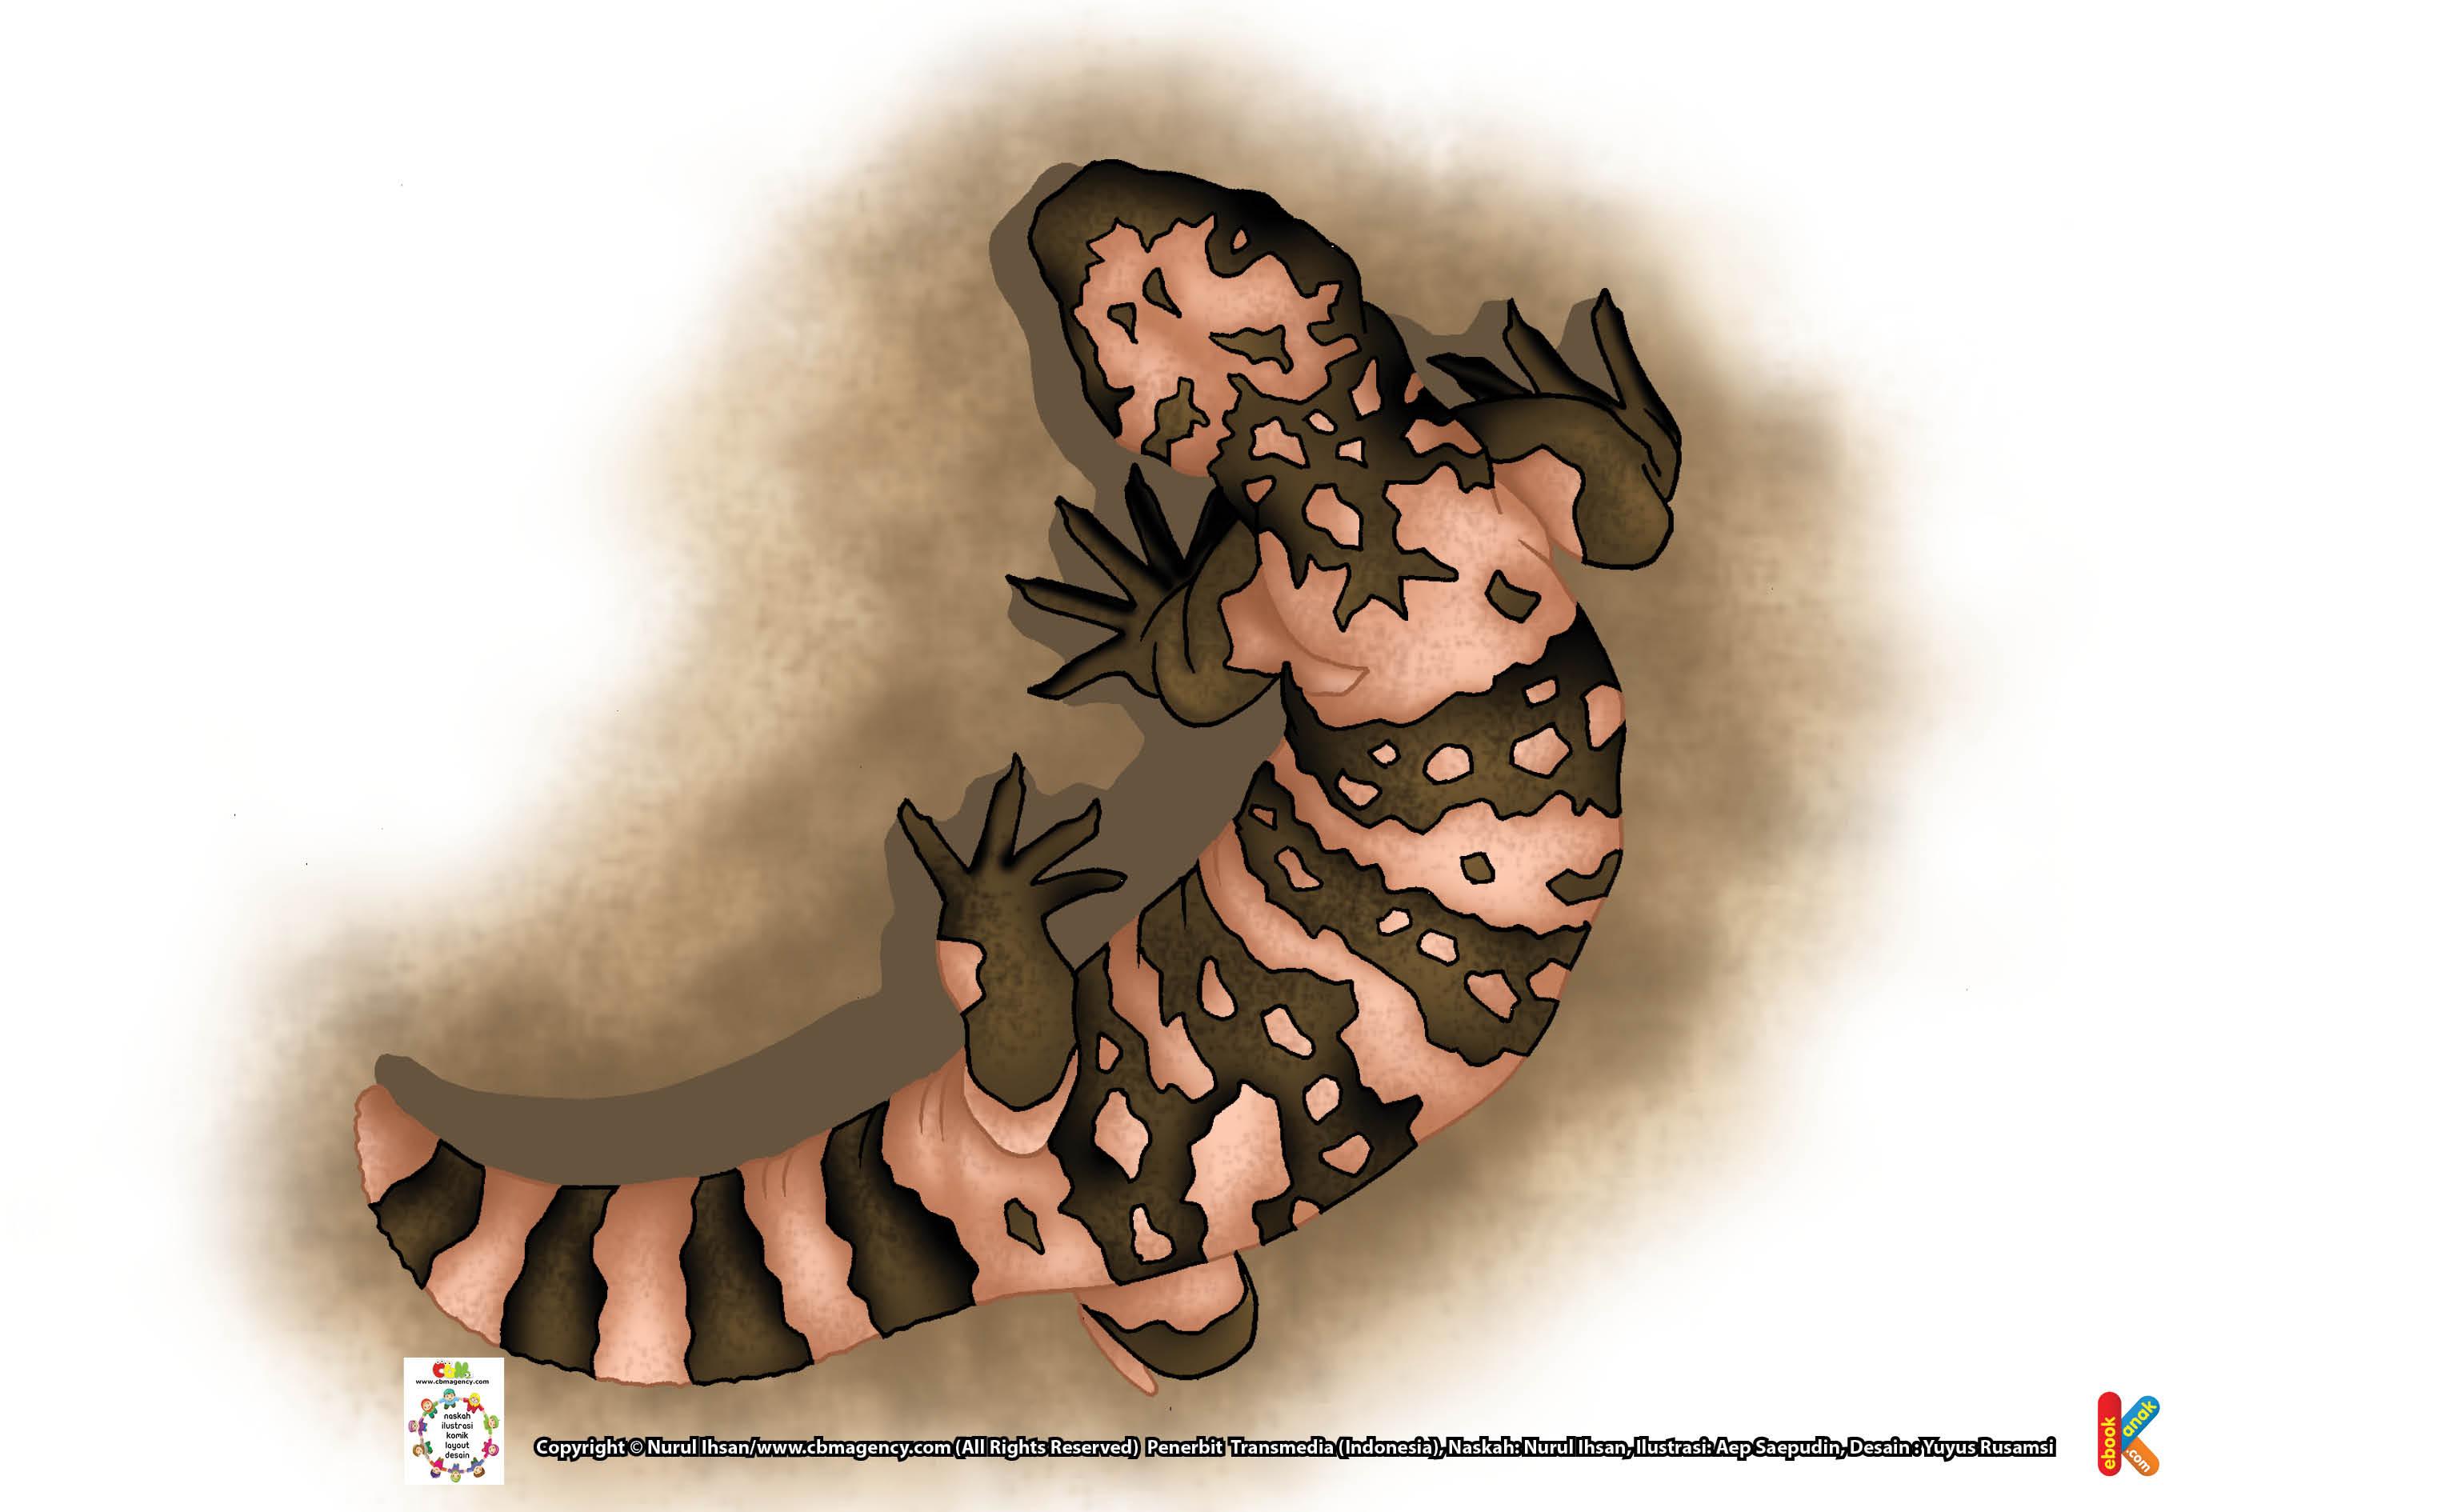 kadal gila monster menyimpan lemak di tubuhnya, terutama pada bagian ekor.